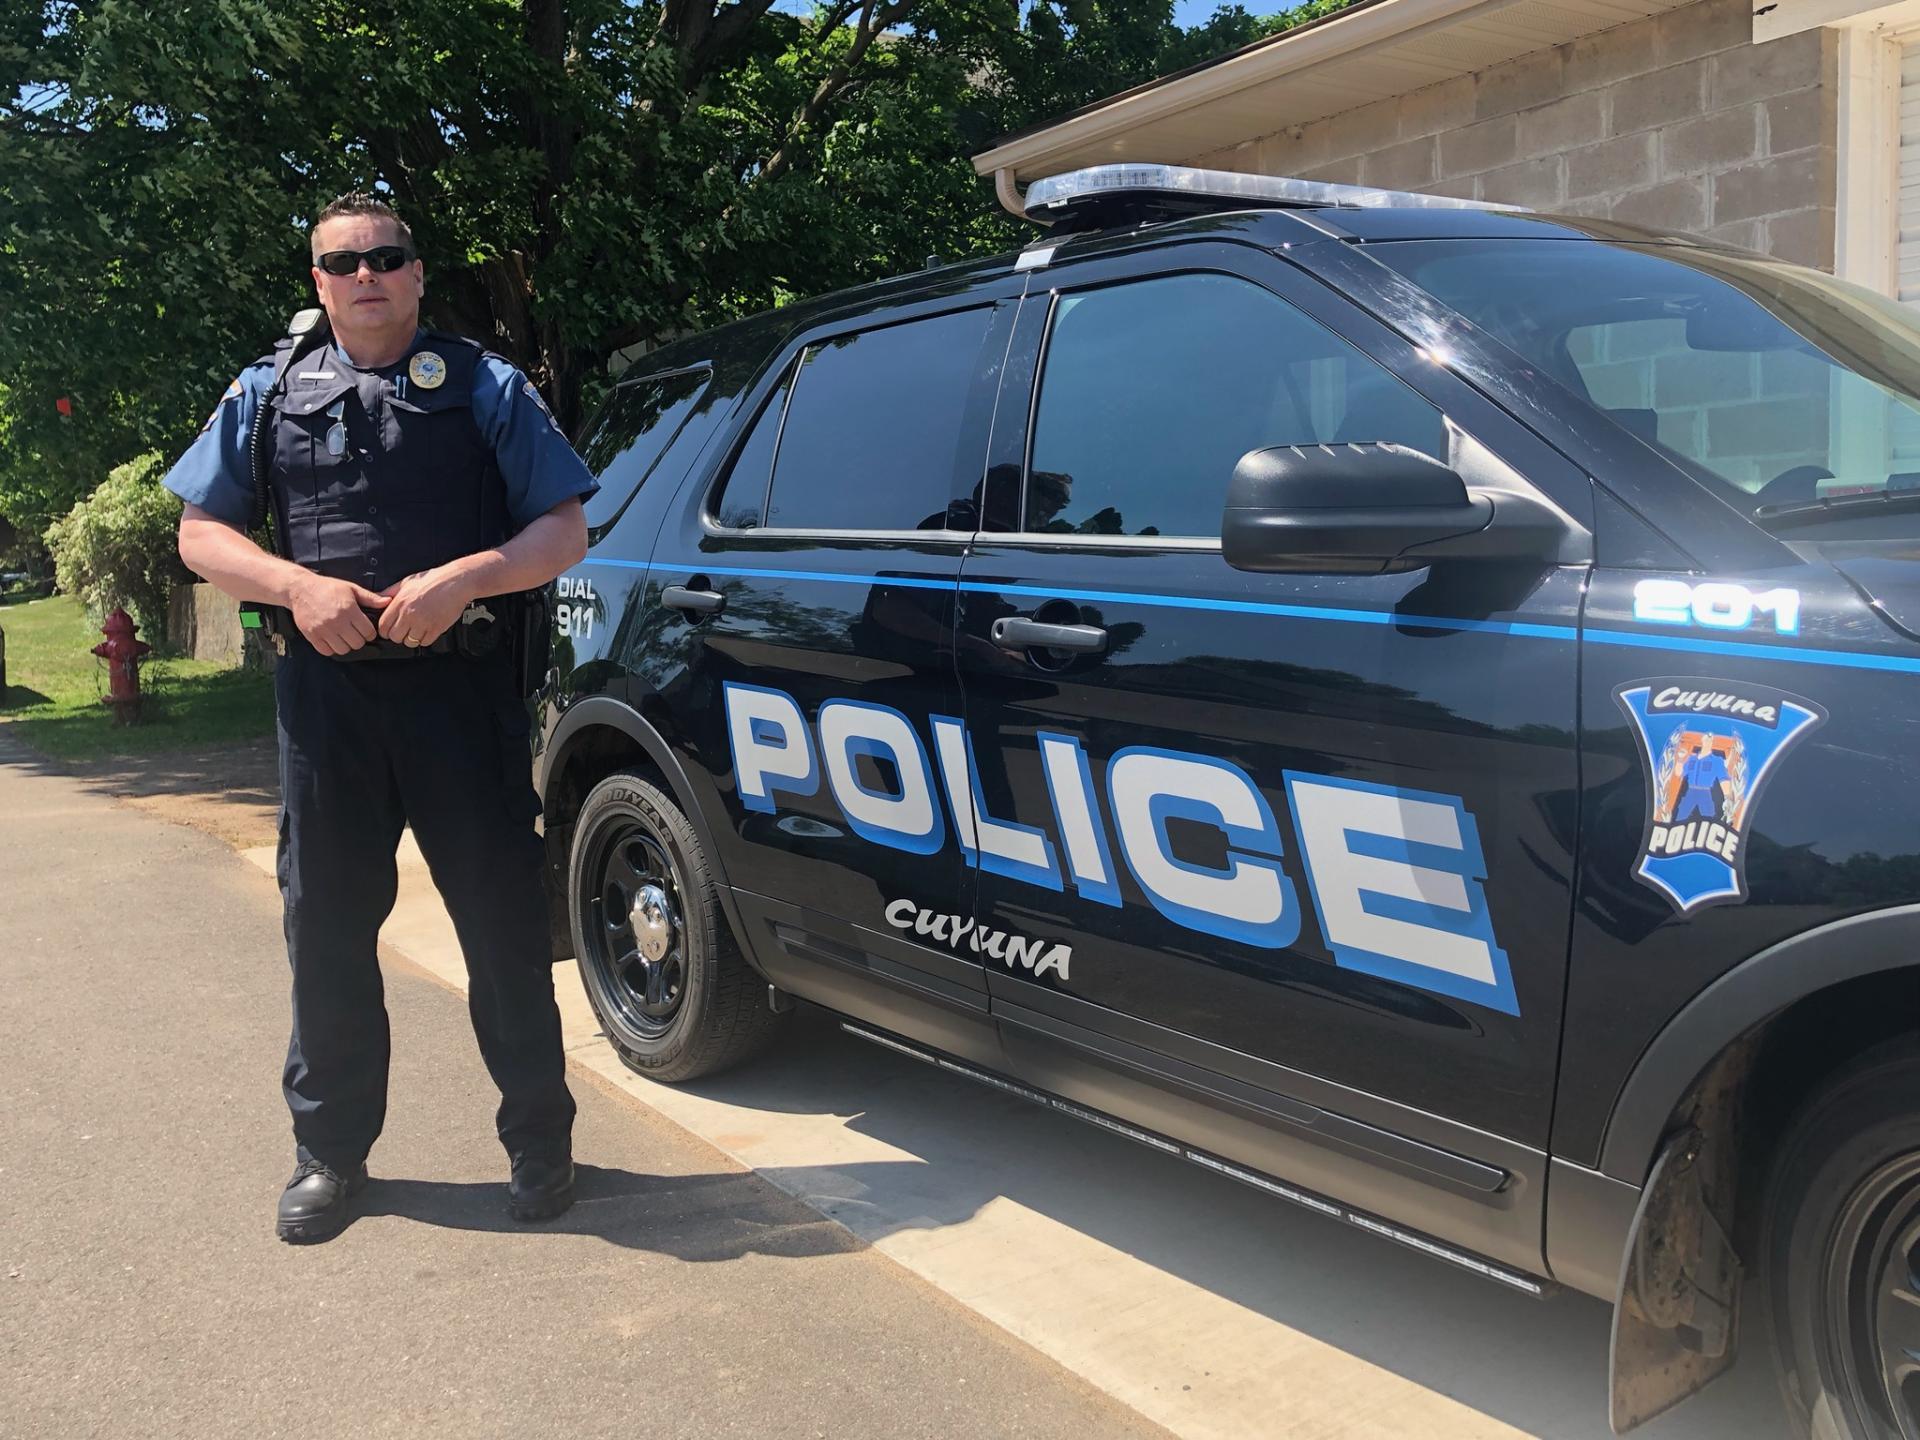 Officer Rick Kangas